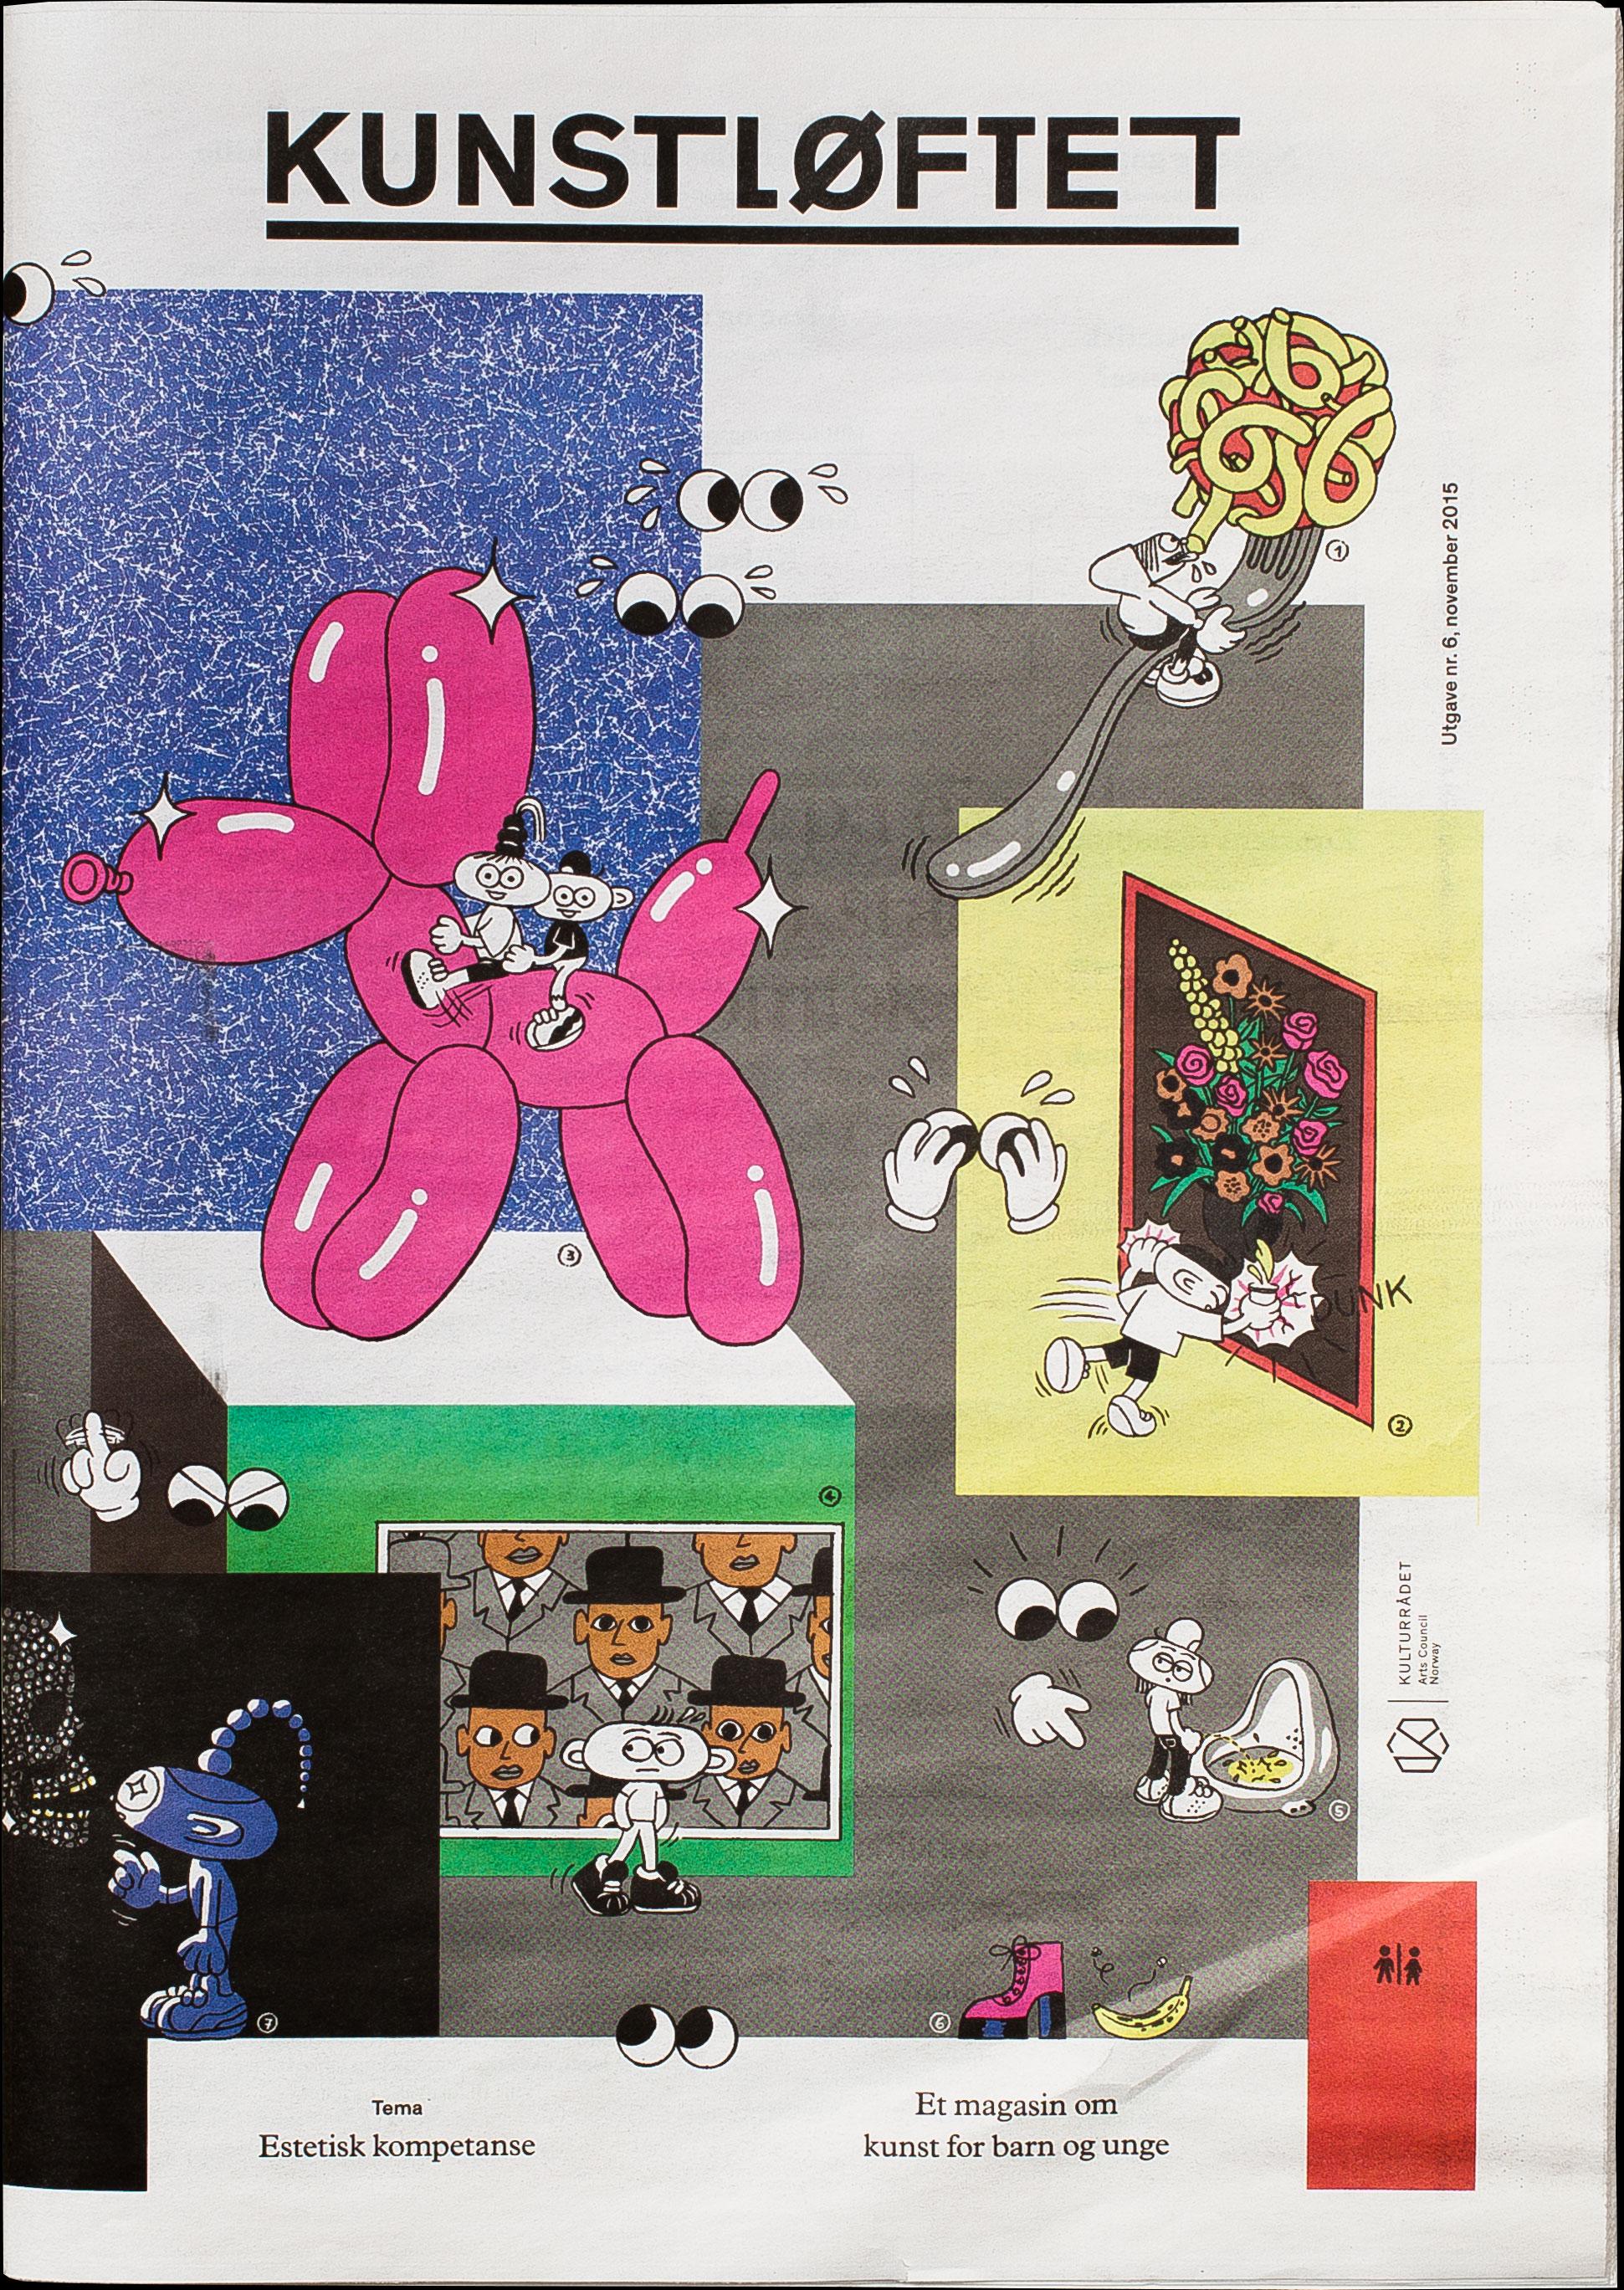 Kunstløftet journal